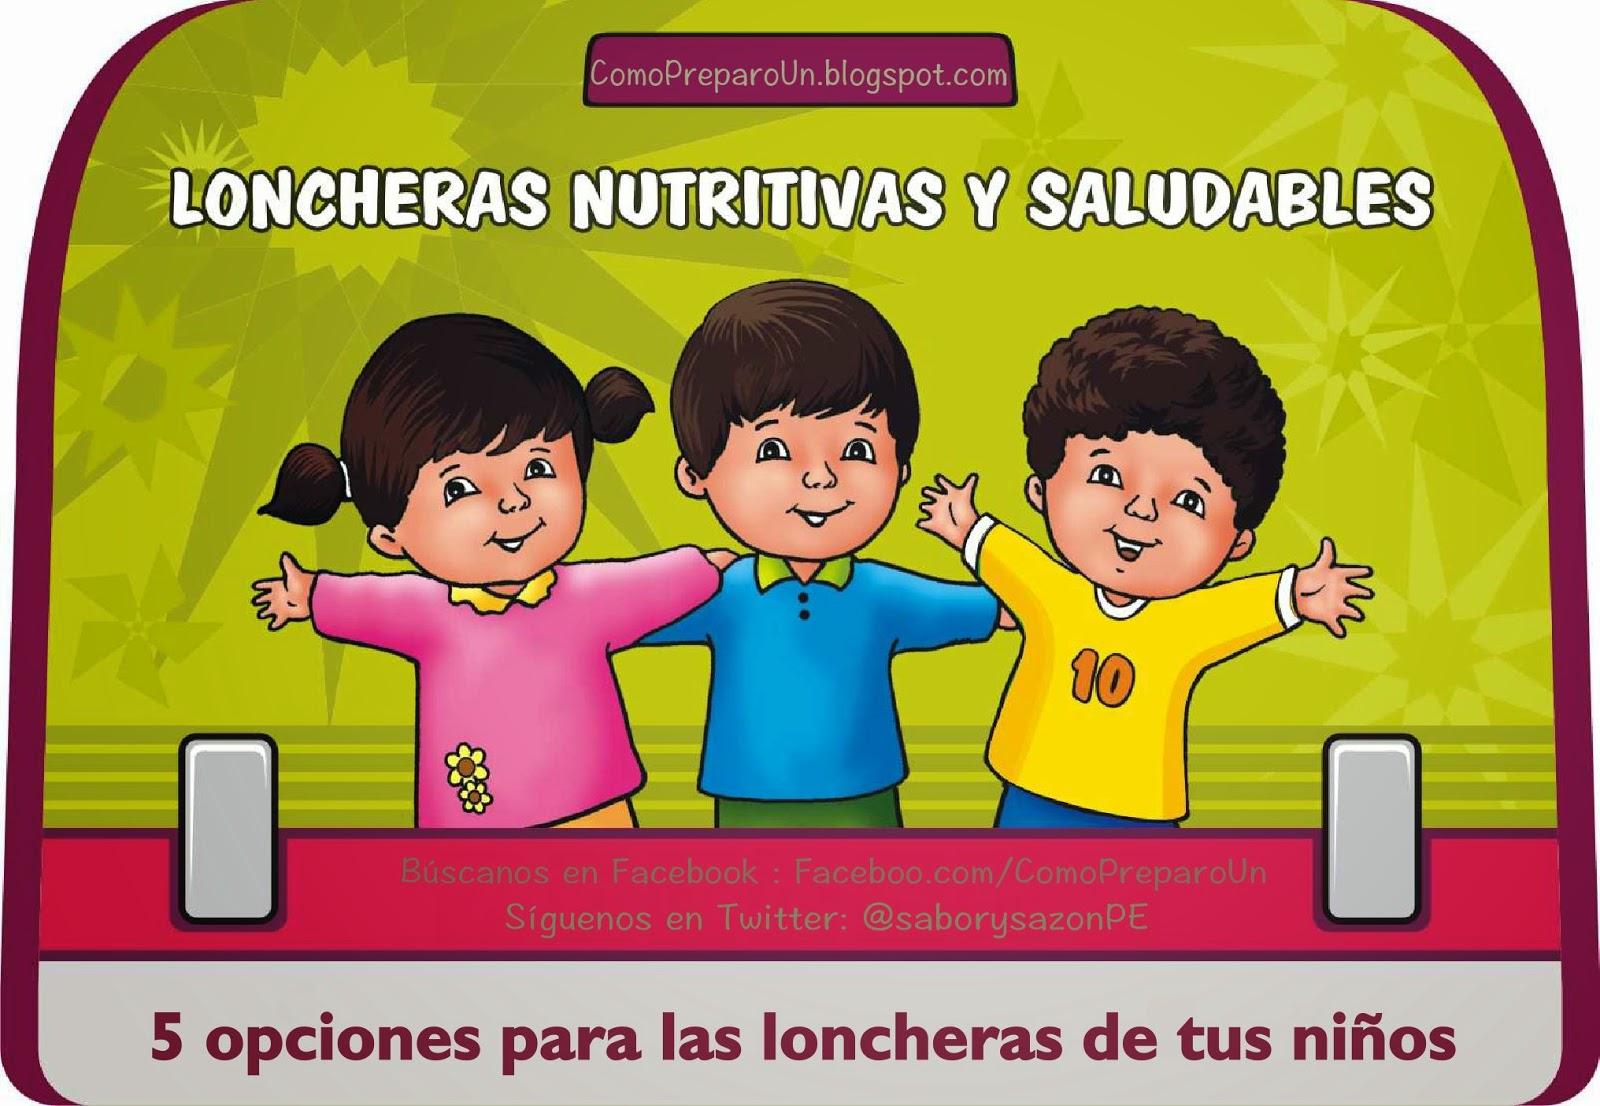 Loncheras nutritivas y saludables para ni os lunes for Comida saludable para ninos